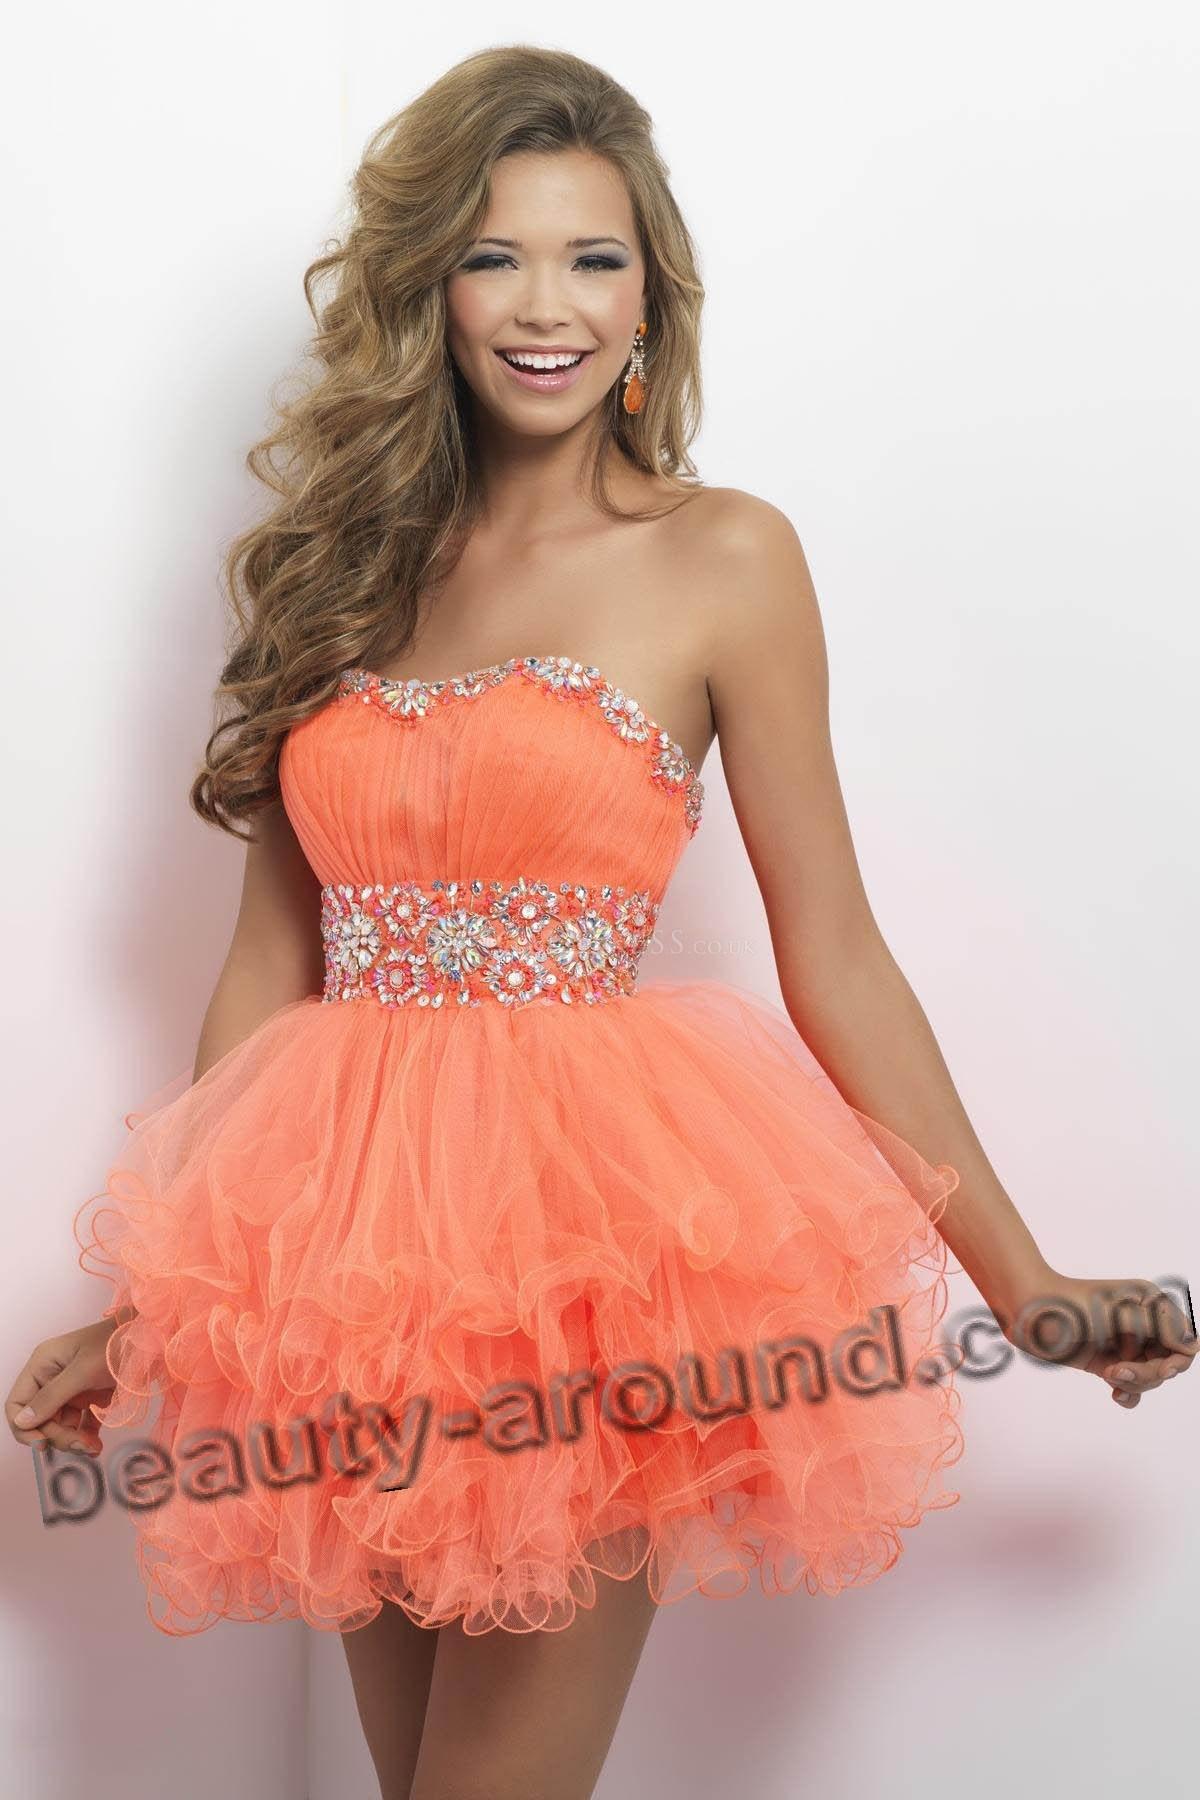 платье для выпускного стиле Беби Долл фото